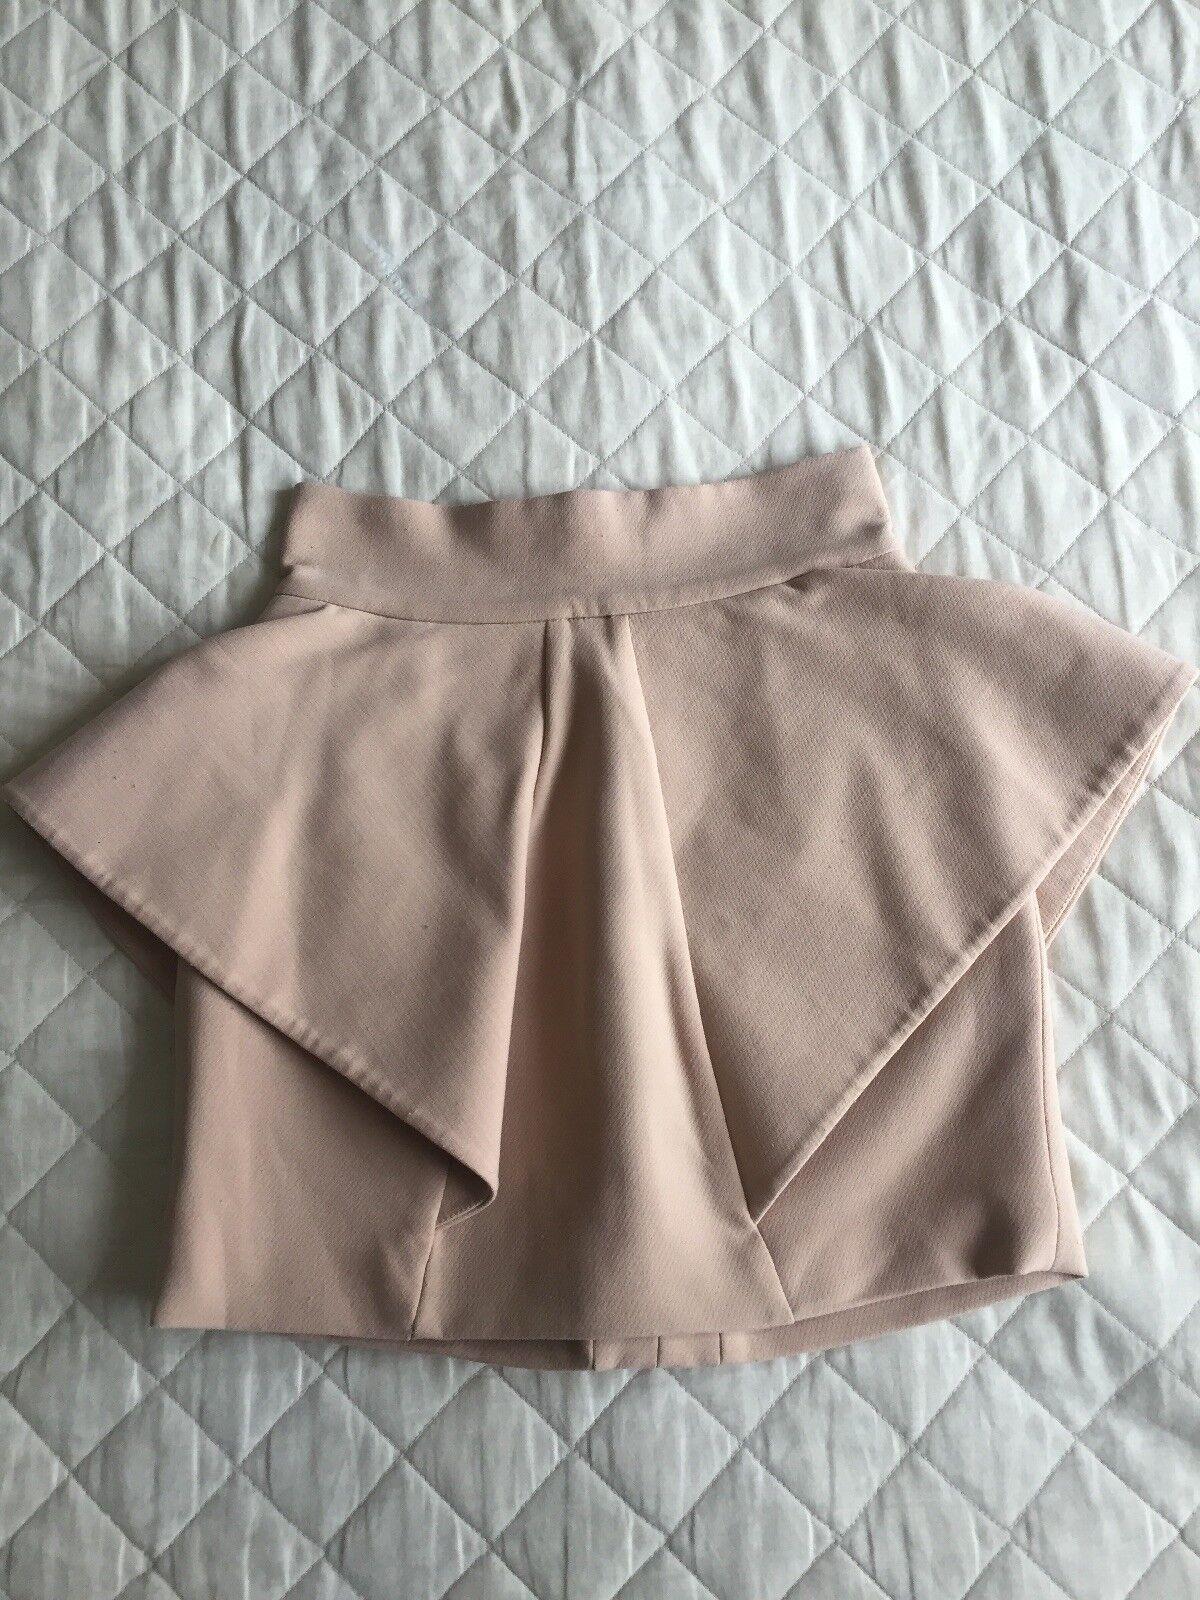 Womens Camel Coloured AQUA Skirt Size 6